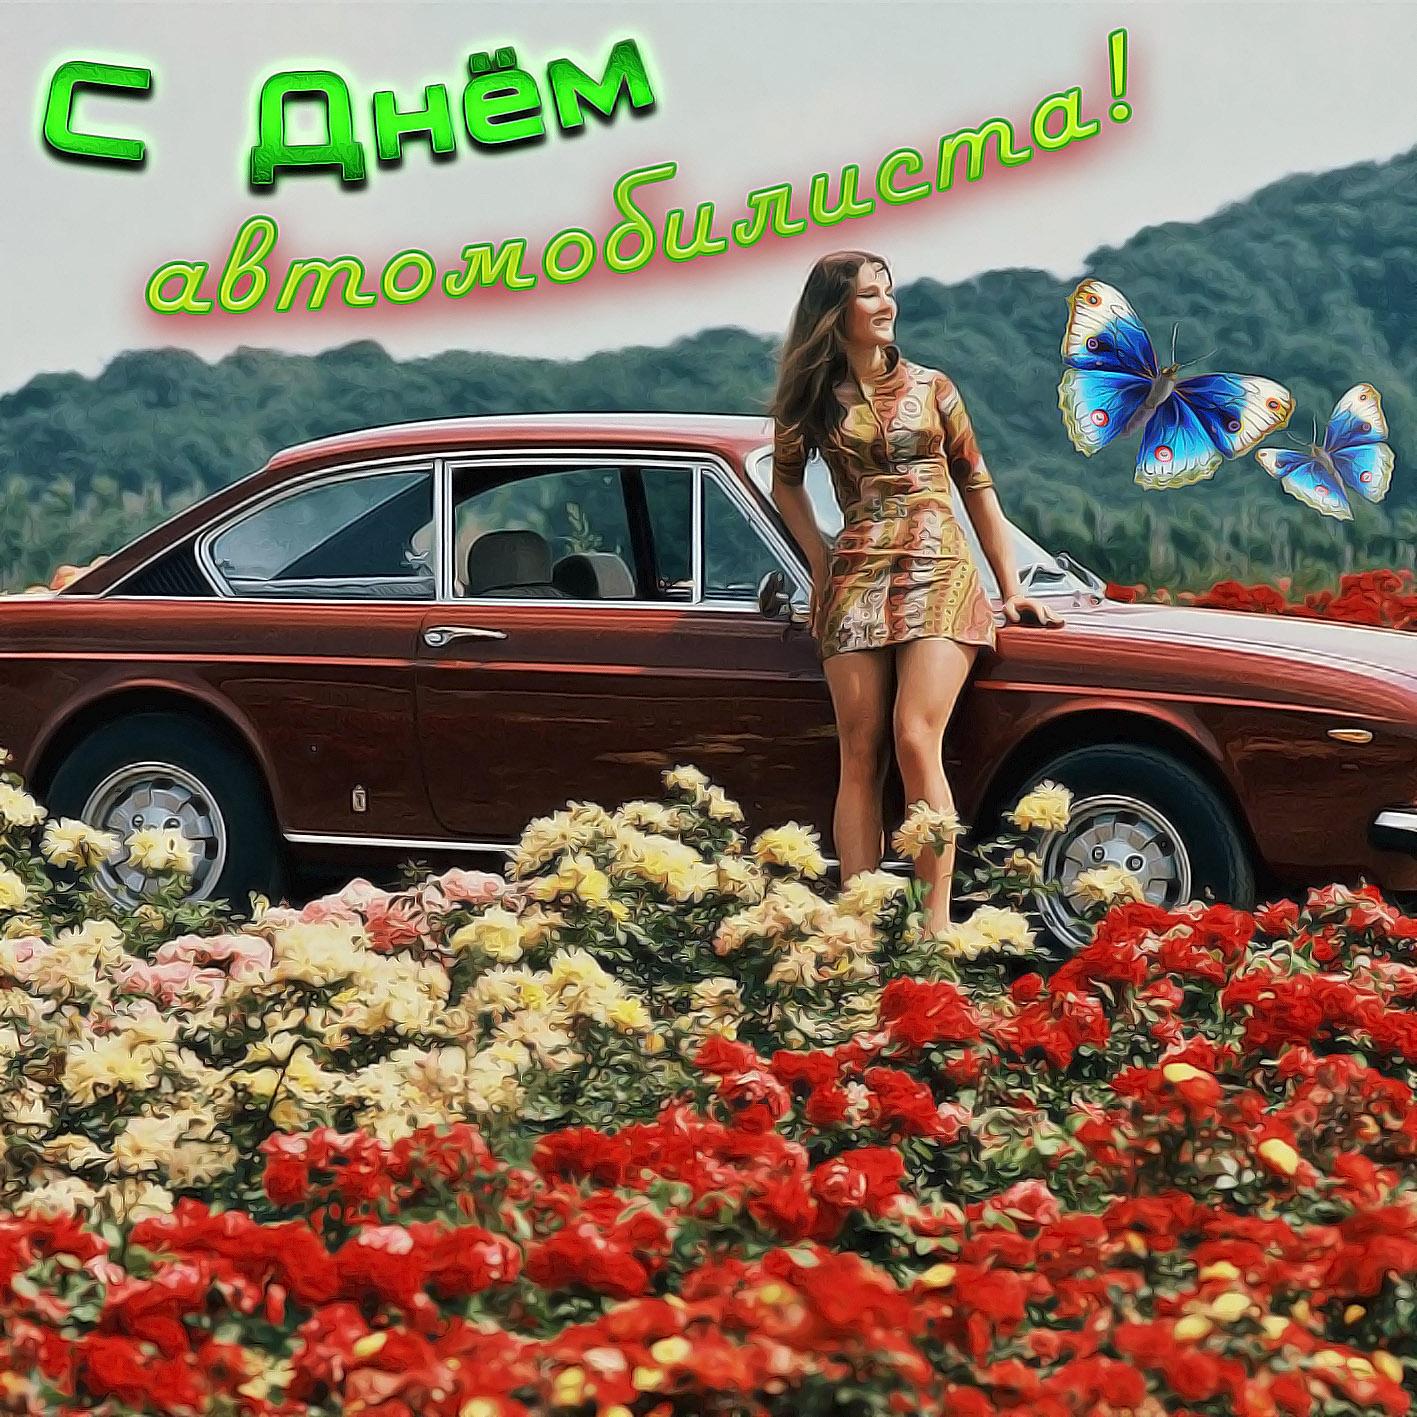 Открытка на День автомобилиста - девушка у машины на фоне цветов